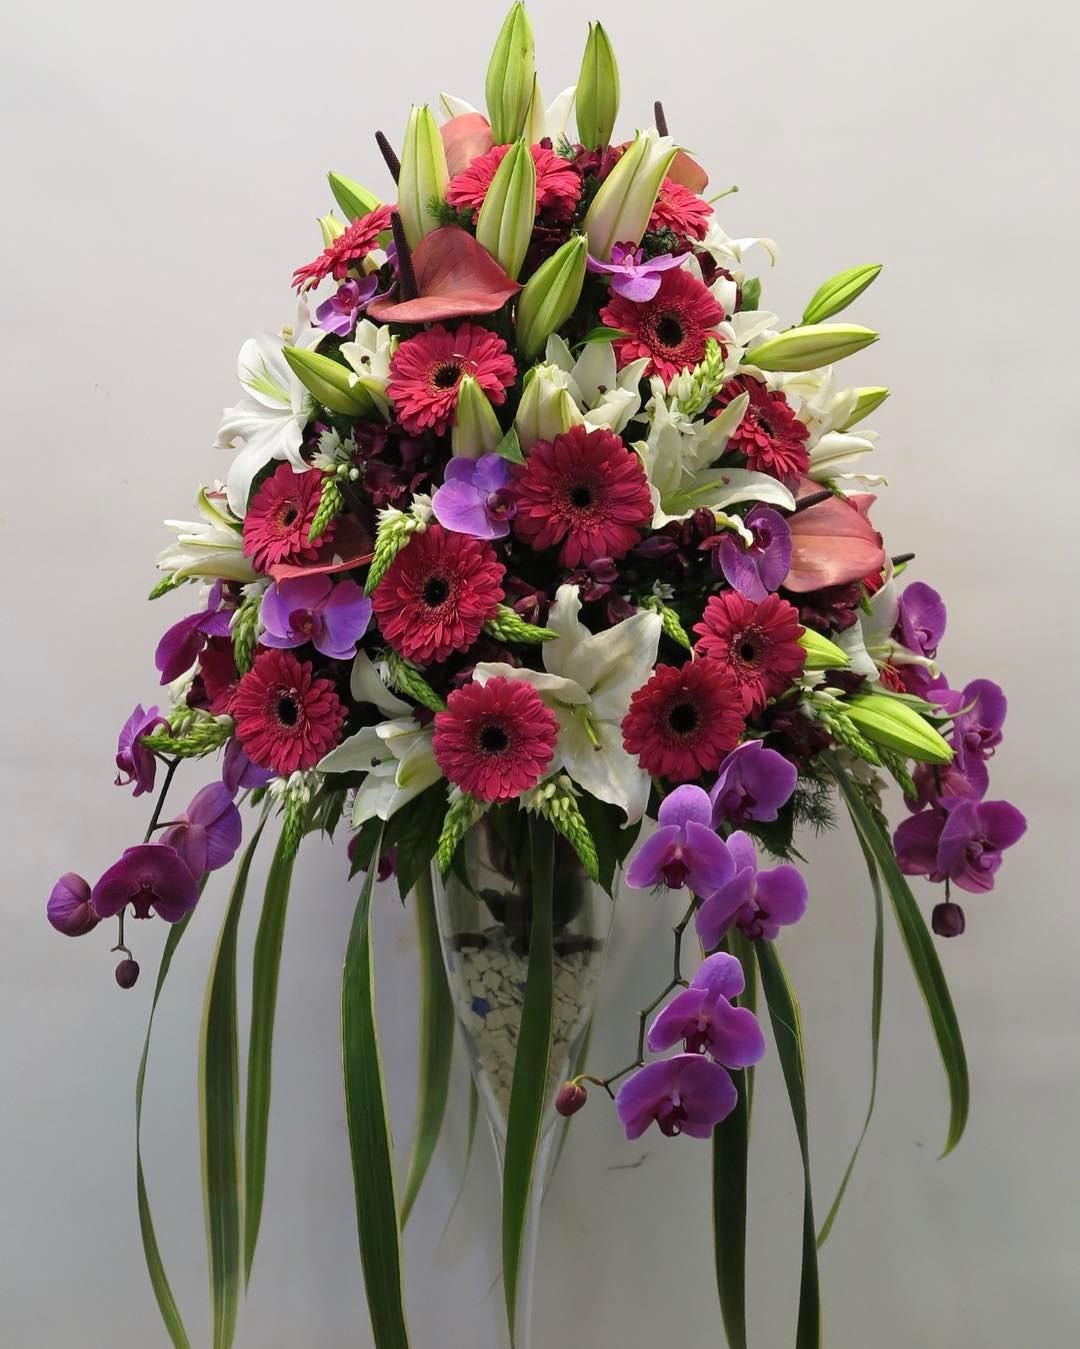 zaeemflowers_18382156_426266714425677_4443469303542448128_n.jpg